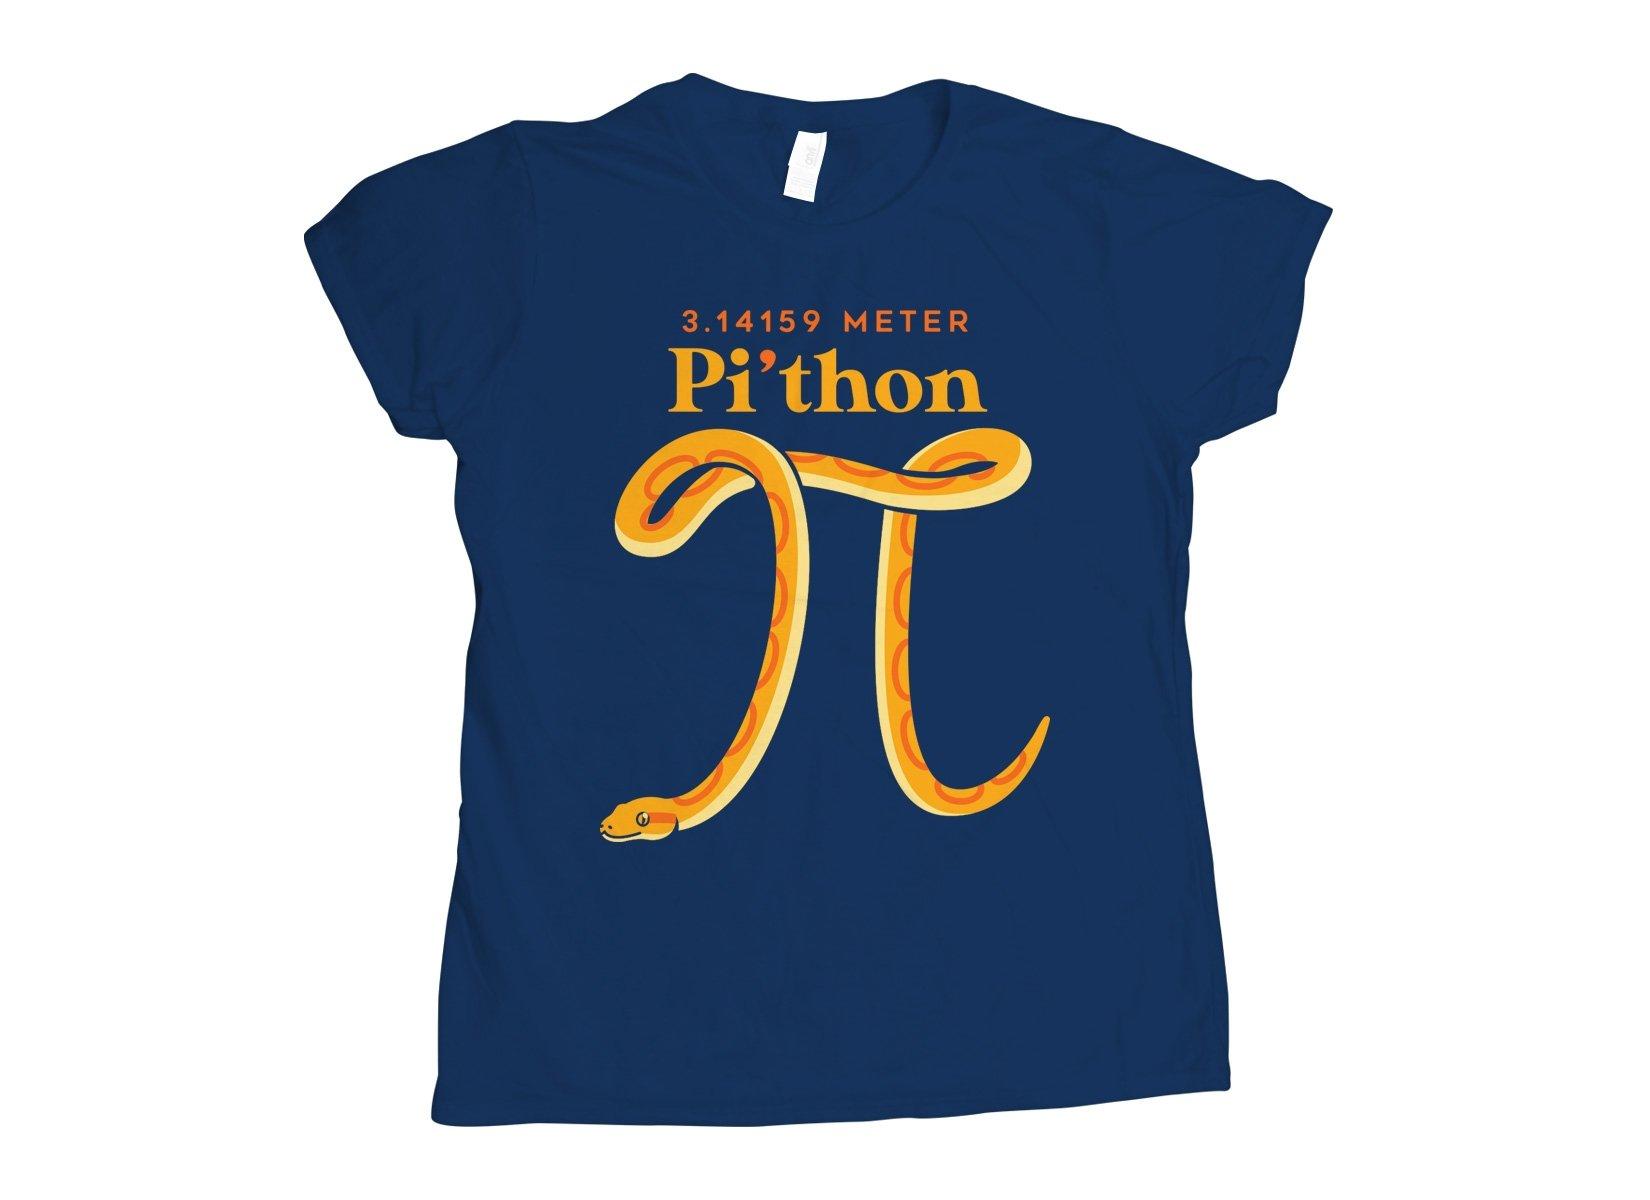 Pi-thon on Womens T-Shirt